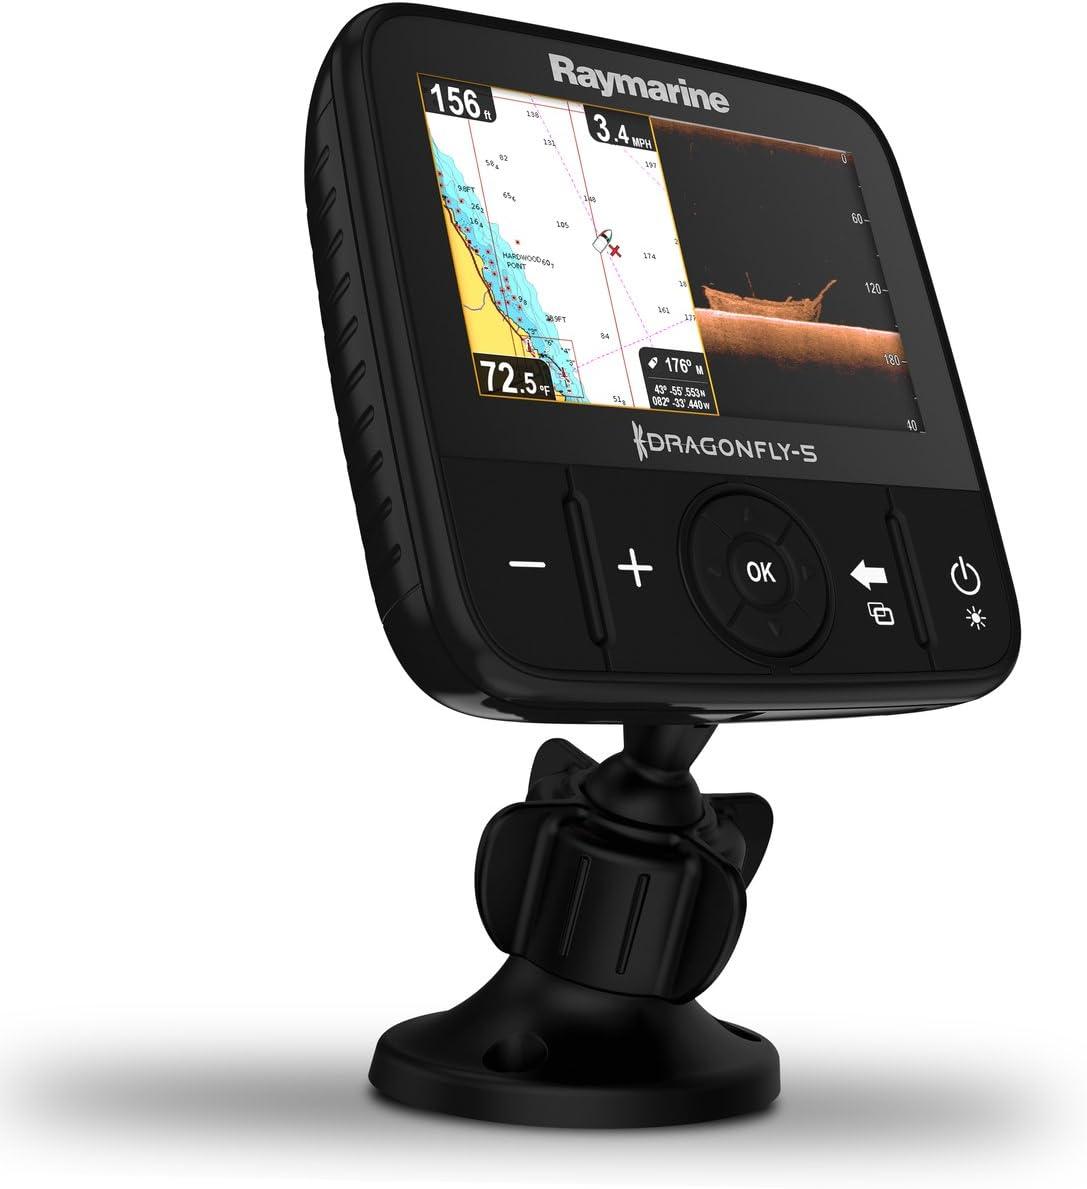 Raymarine E70295-Off De La Libélula Plotter-5M GPS con Cmap Europea Esencial Mapa De 12,7 Cm (5 Zo: Amazon.es: Electrónica